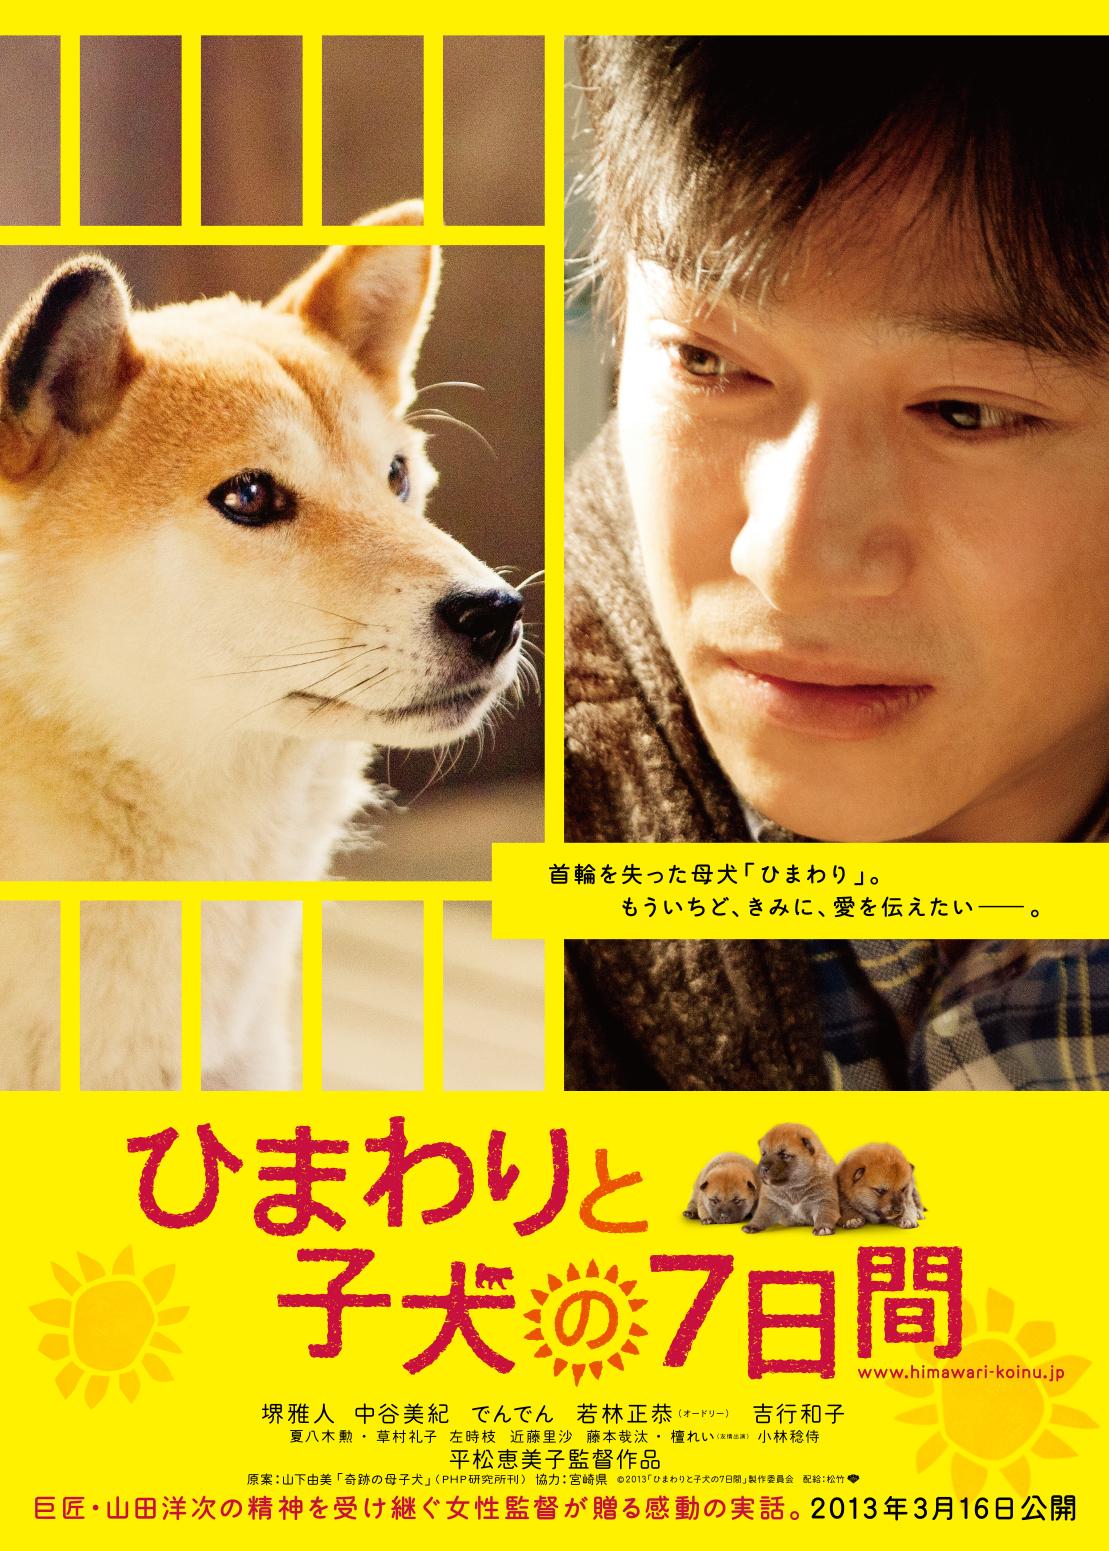 7 Days of Himawari & Her Puppies (2013)